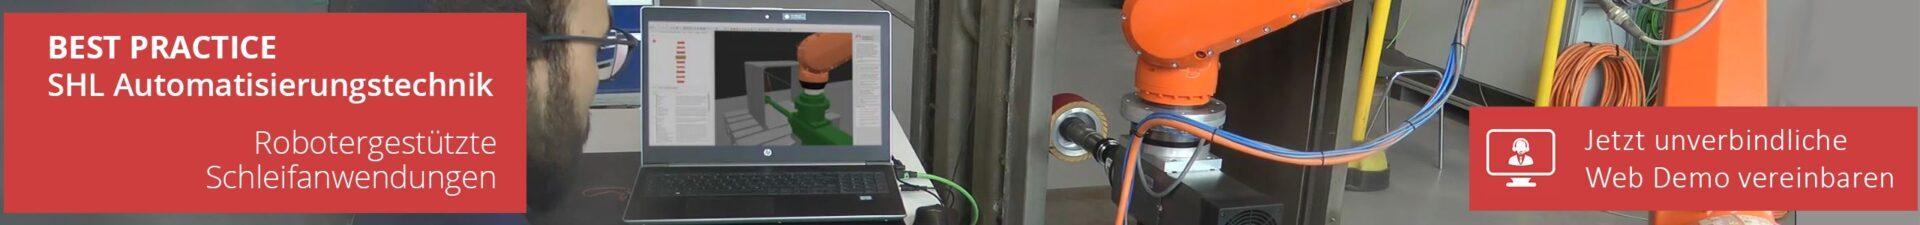 robotergestützte Schleifanwendung